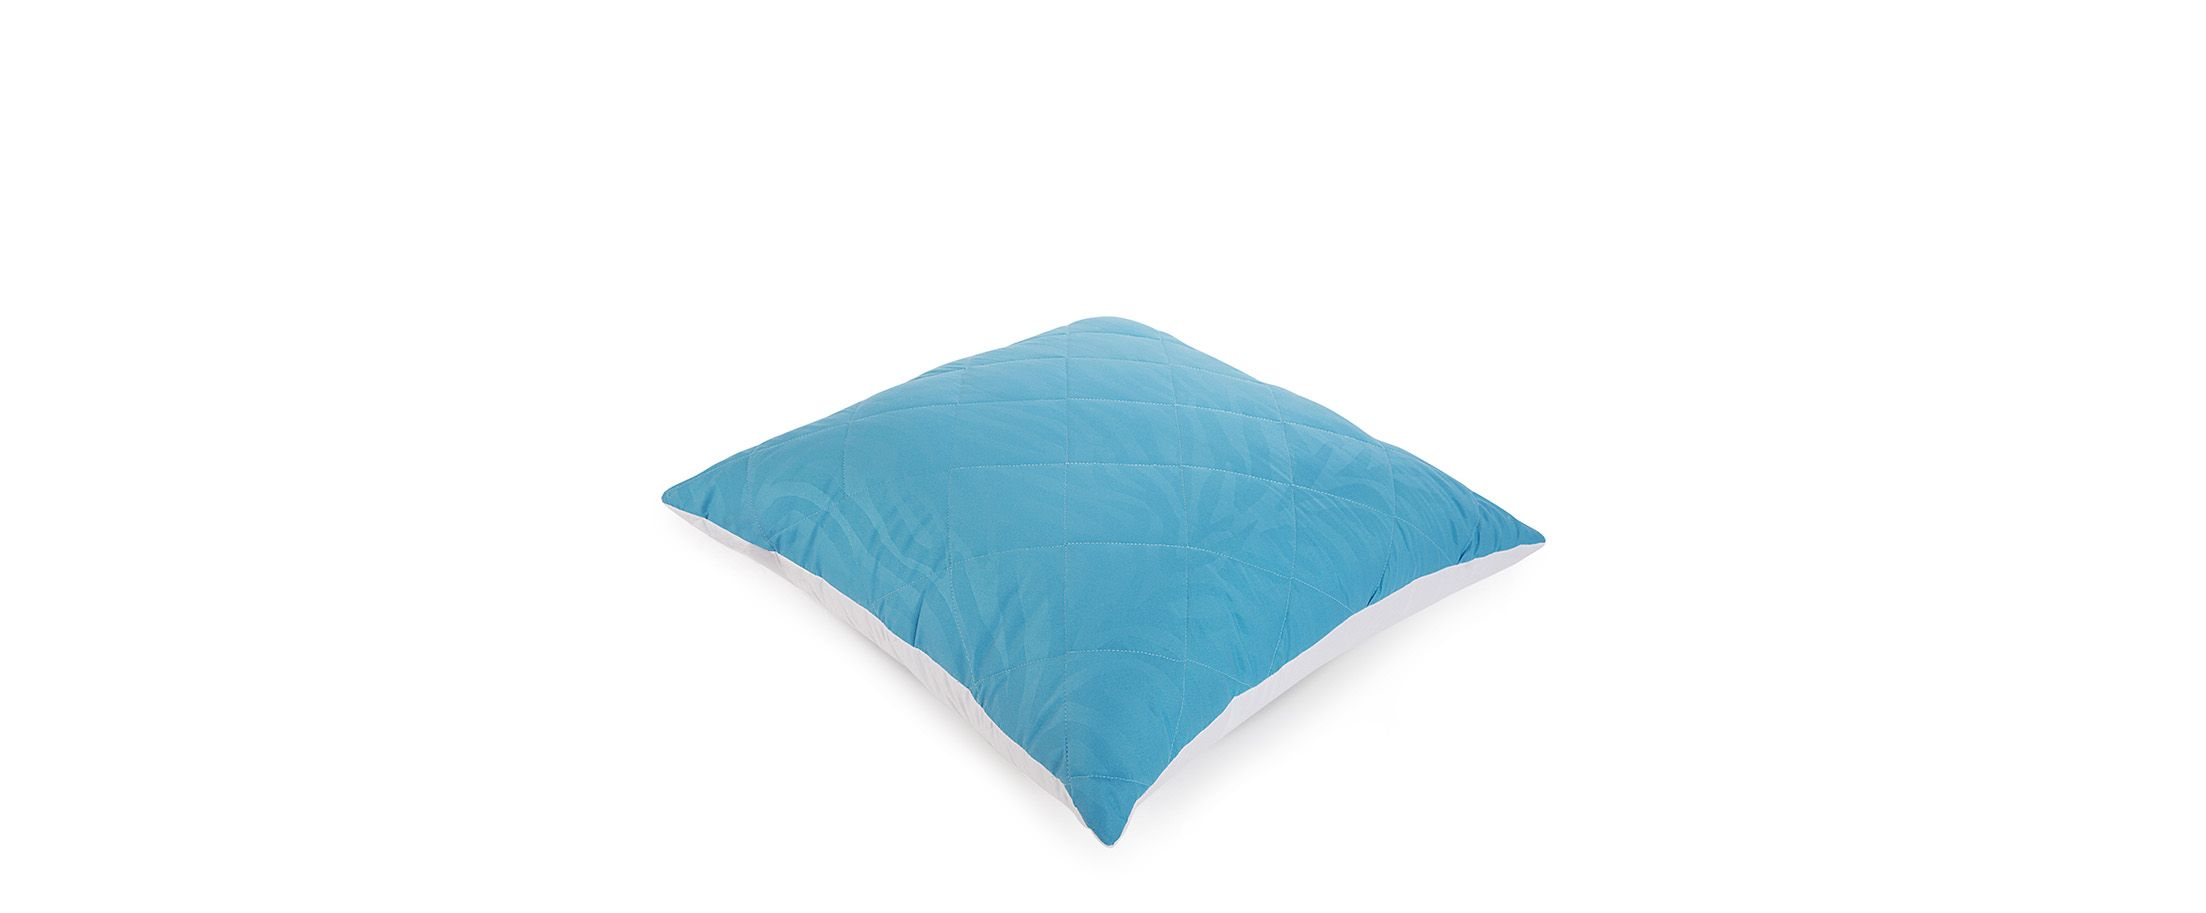 Подушка «Для тебя» 68х68 голубого цвета Модель 4004Подушка «Для тебя» 68х68 голубого цвета Модель 4004. Артикул К000726<br>